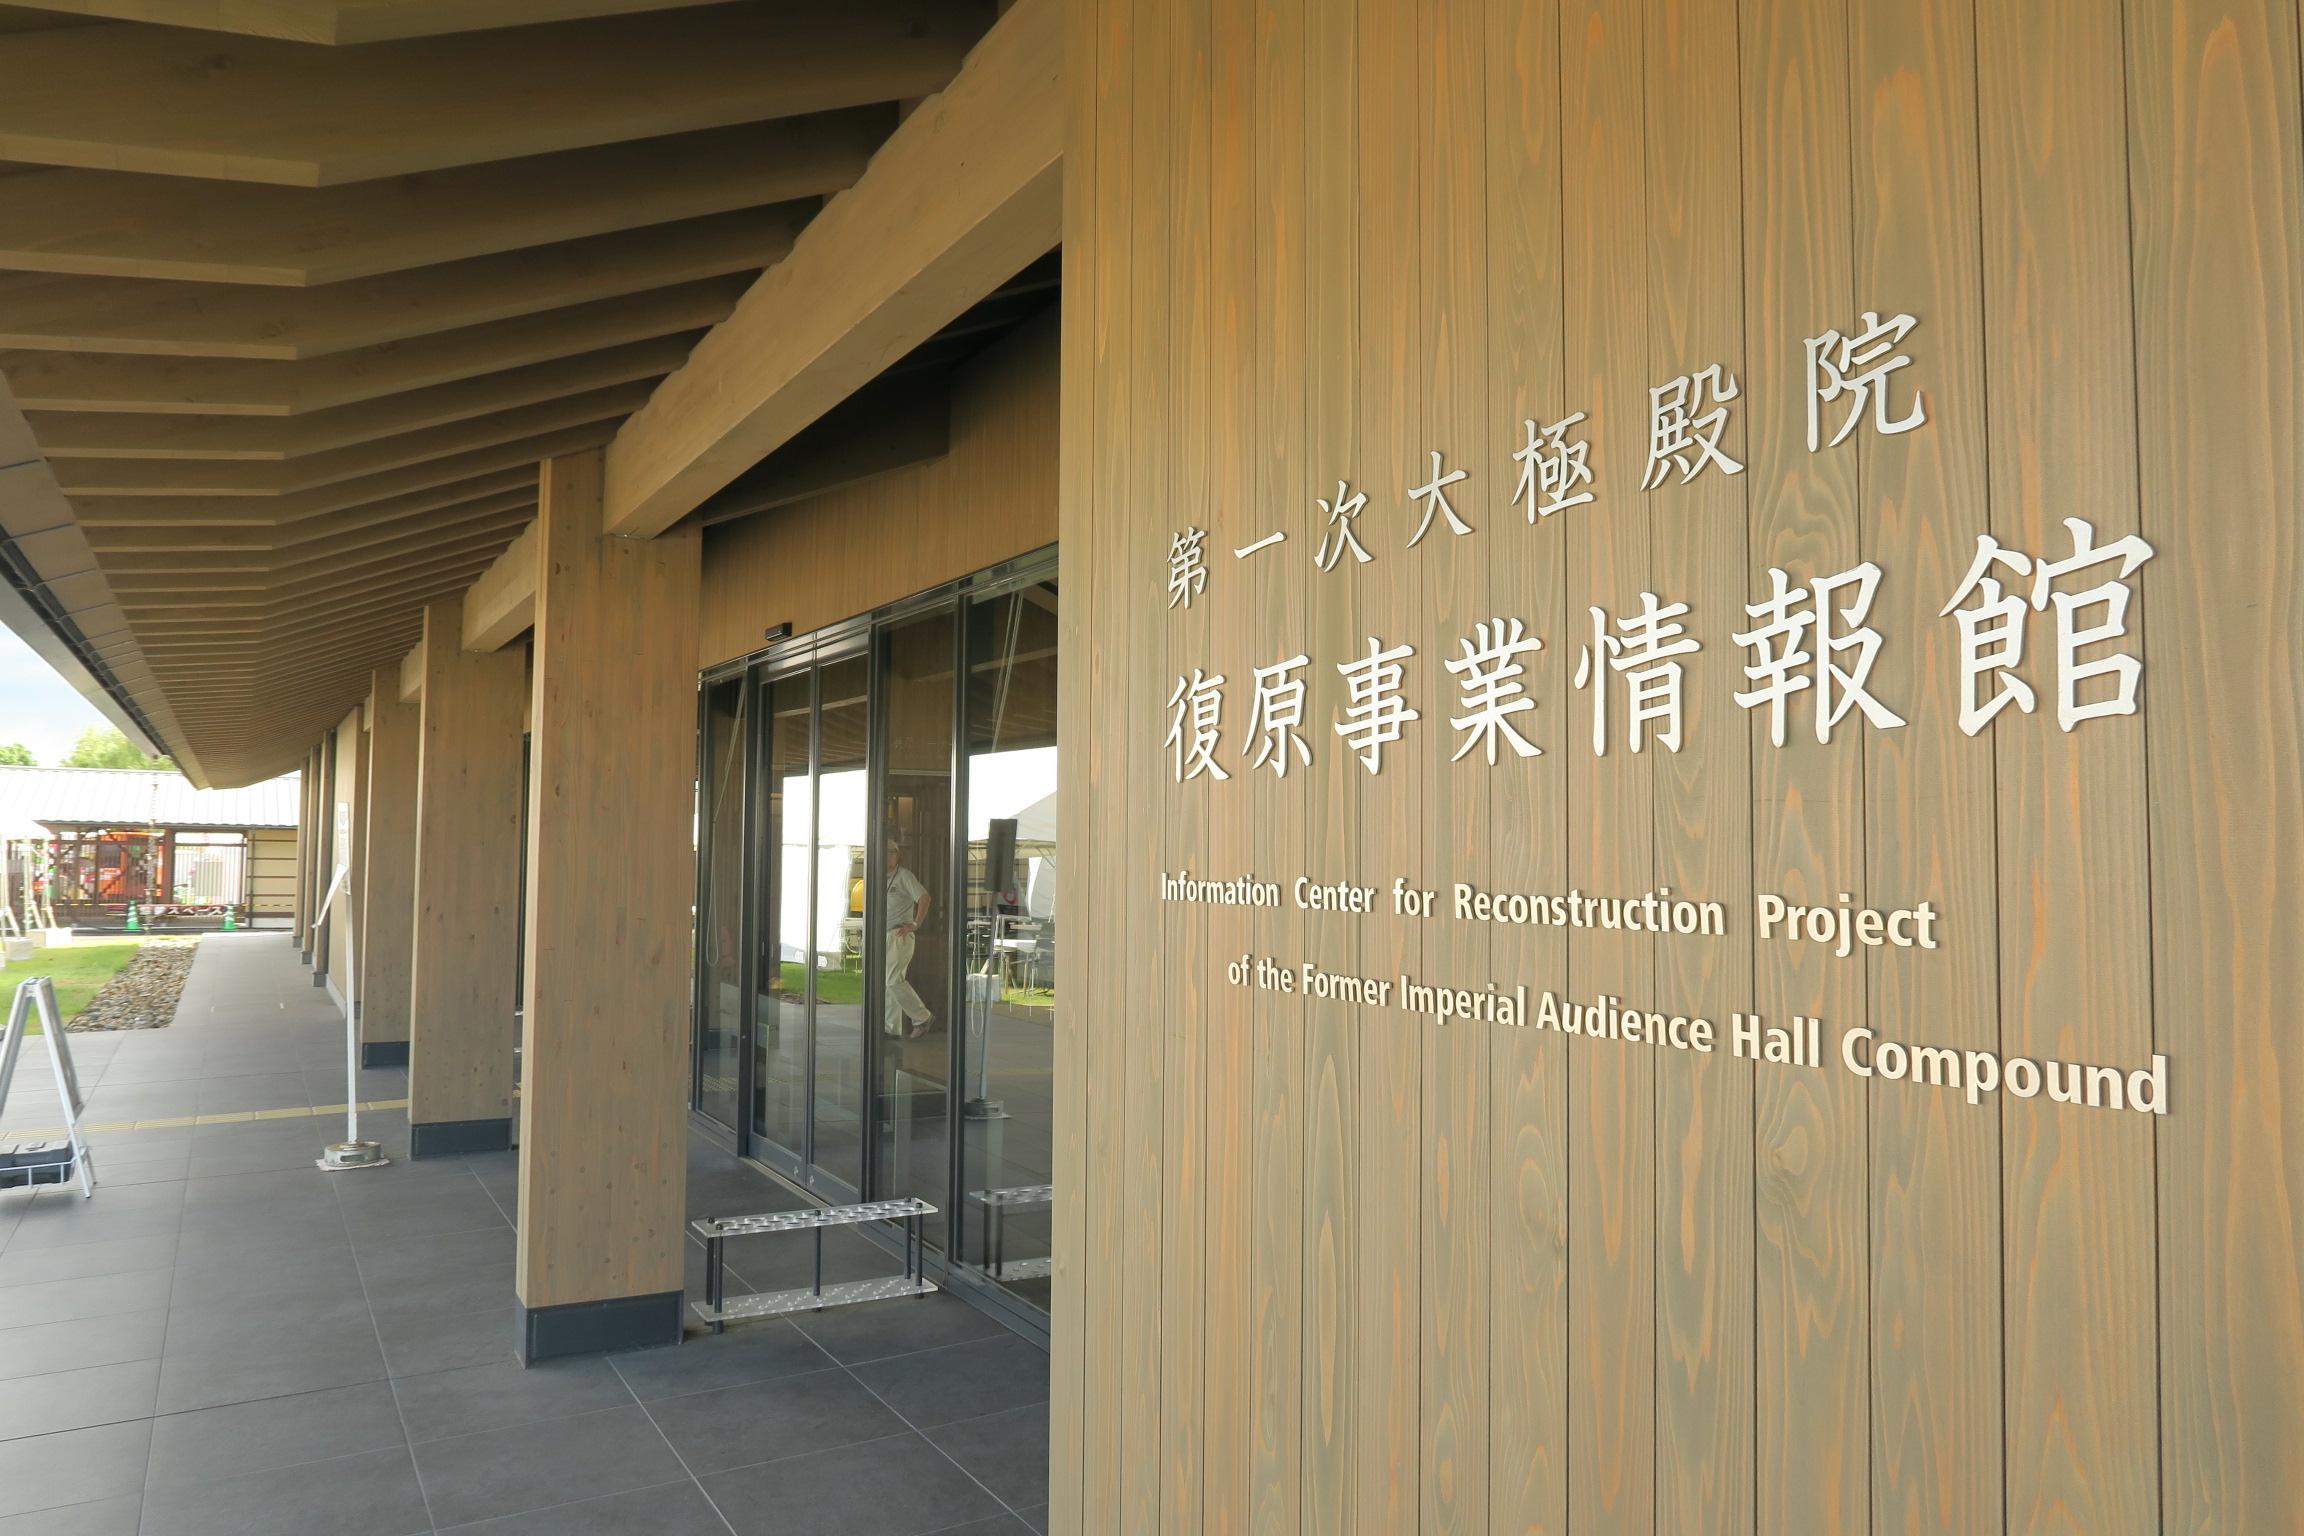 第一次大極殿院 復原事業情報館。平城宮跡の歴史、今後の復原工事のお話をしてくれます。